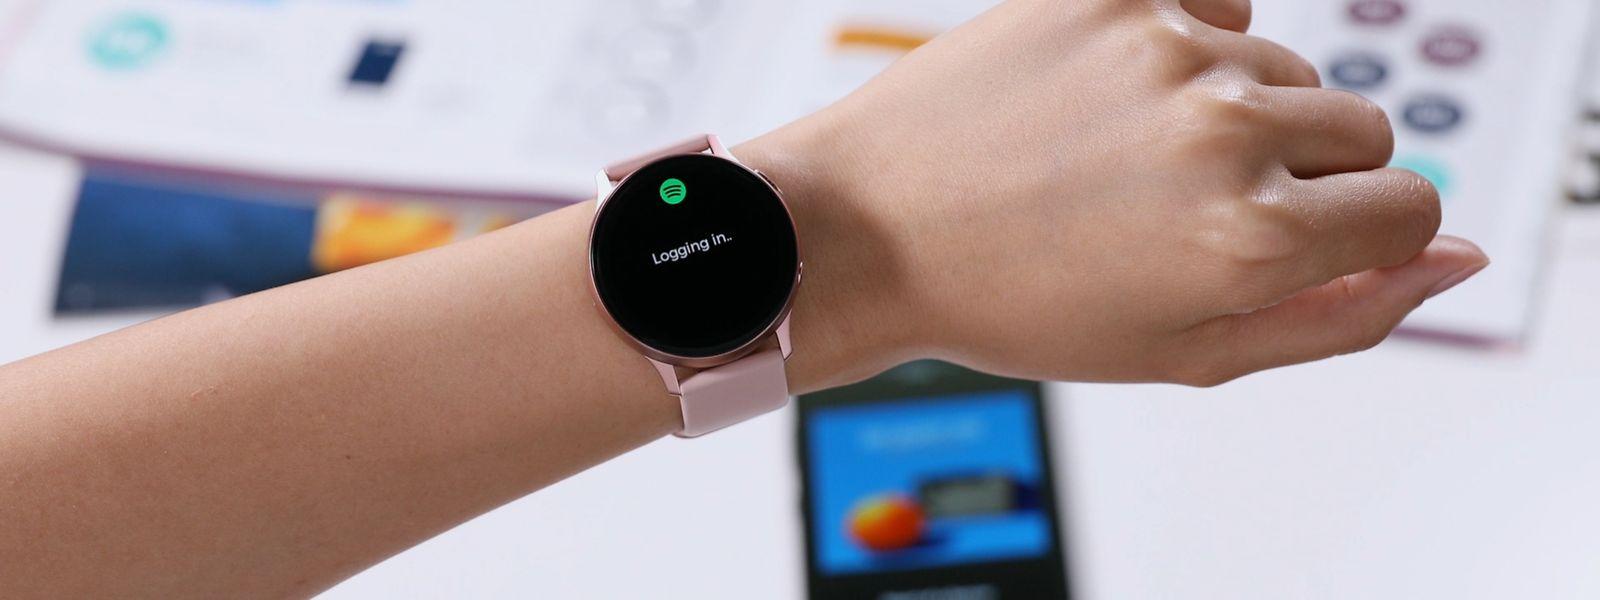 """Die Samsung """"Galaxy Watch Active2"""" kann dank Sprachassistentin Bixby auch Musiktitel oder YouTube-Videos mit Ton abspielen. Plus: Trainingserkennung und exakte Herzfrequenzmessung. EKG, Blutdruckmessung und Sturzerkennung sollen per Update folgen. Preis: ab 300 Euro."""